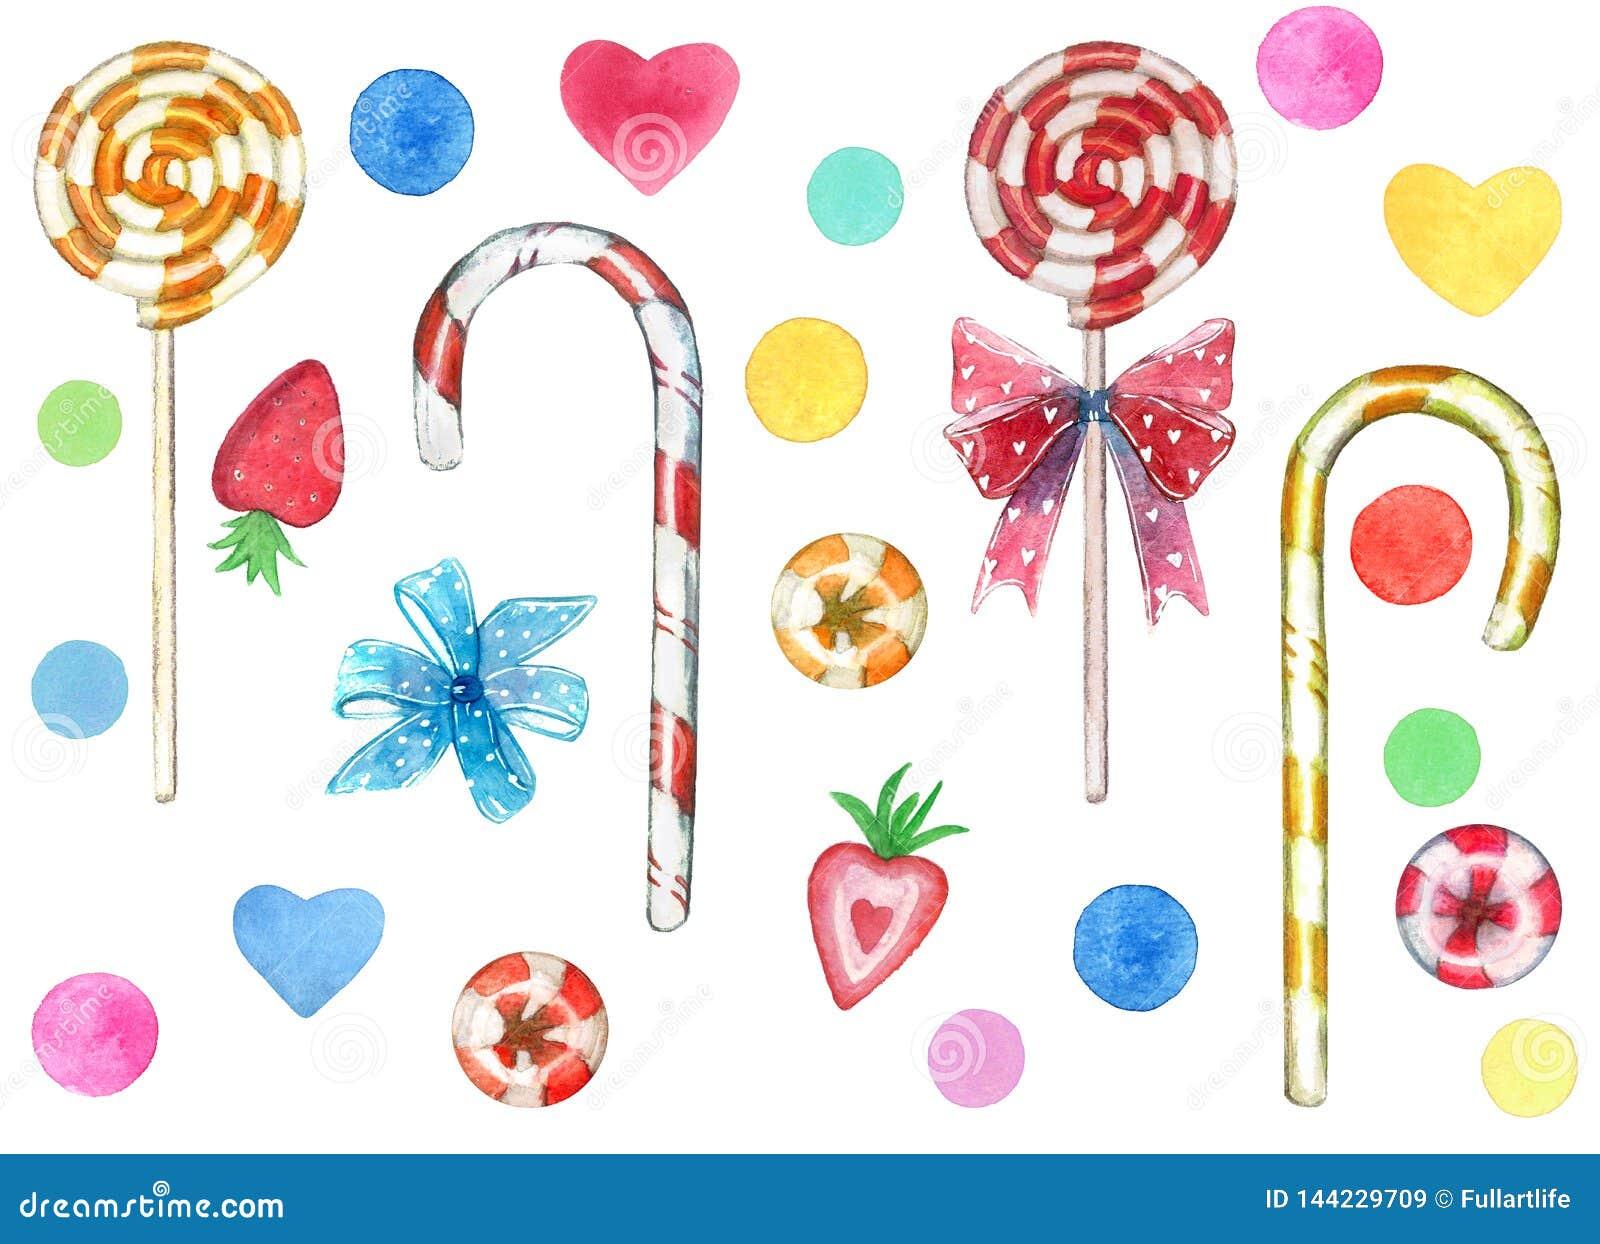 大套甜点元素由红色和黄色漩涡棒棒糖吮吸者忠心于制成弓和心脏